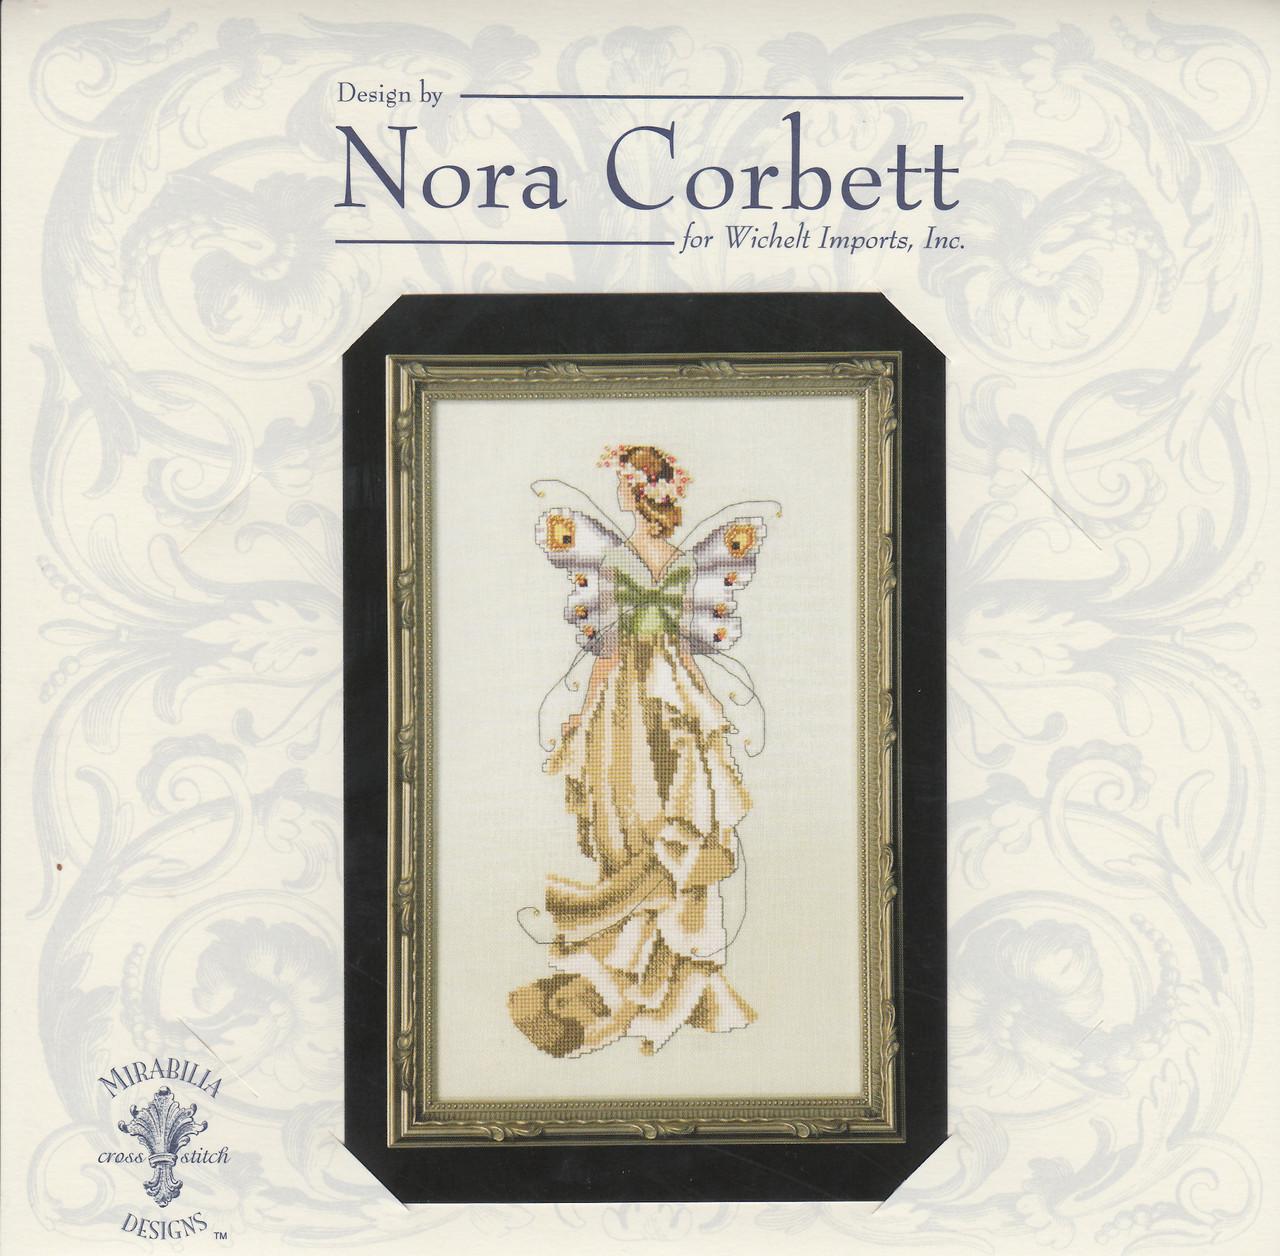 Nora Corbett - Lilly